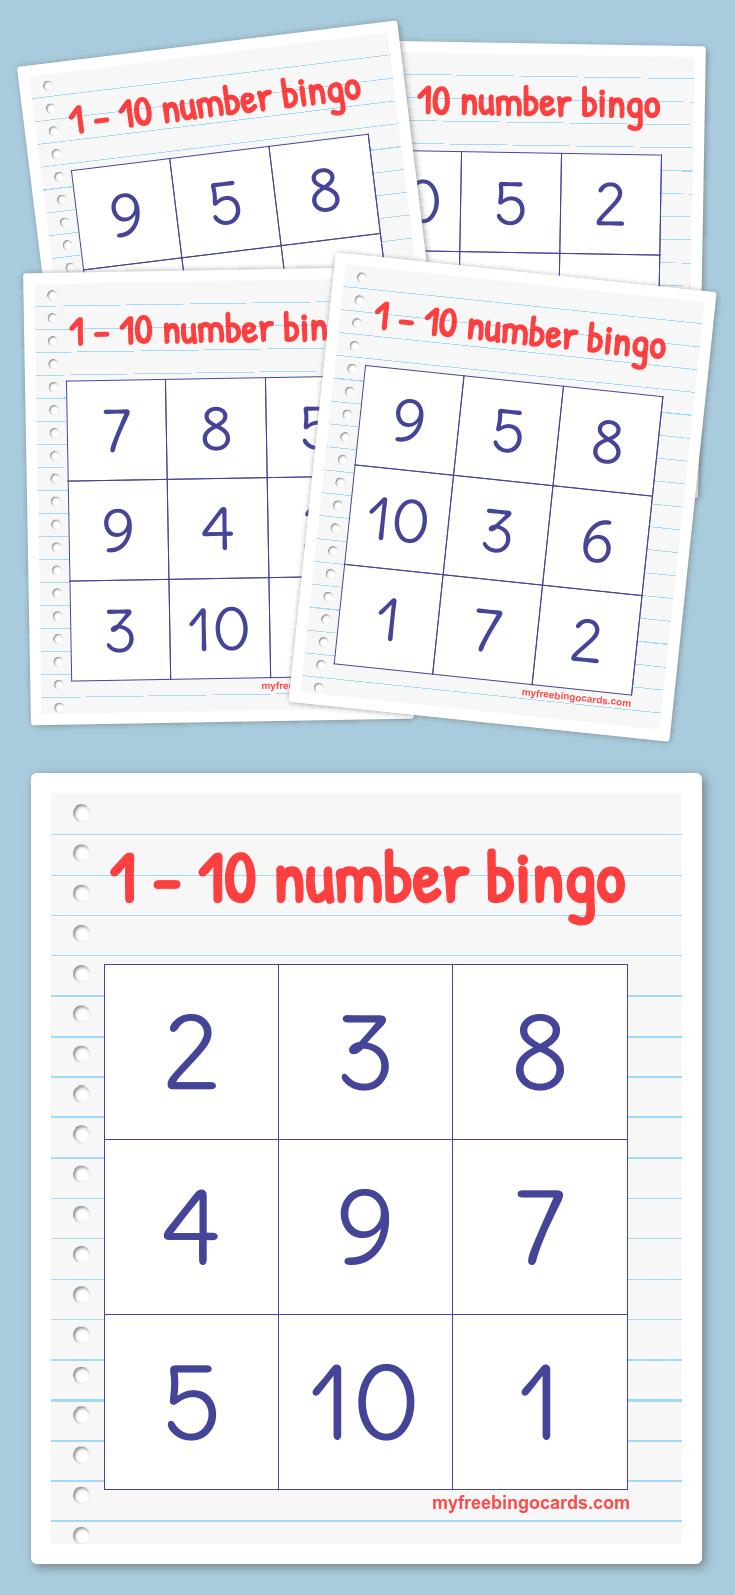 Free Printable Bingo Cards - Bingo Kaarten, Wiskunde